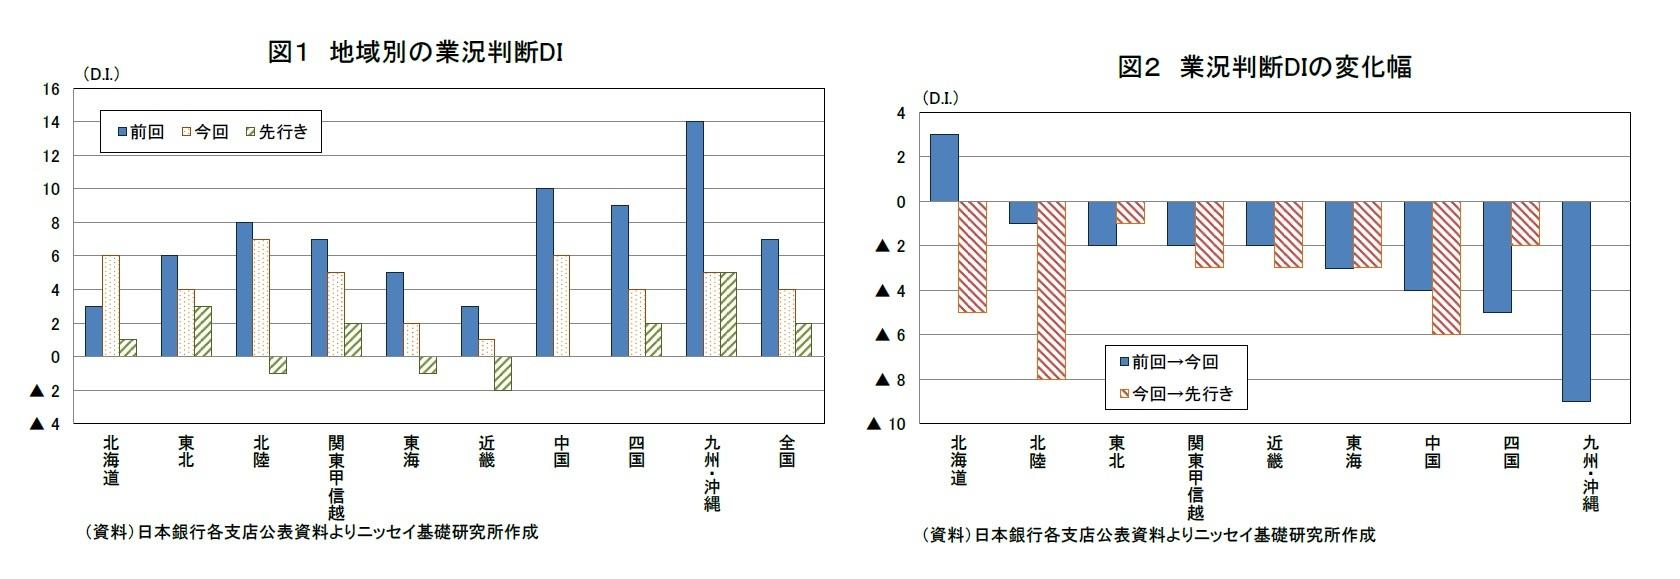 図1 地域別の業況判断DI/図2 業況判断DIの変化幅